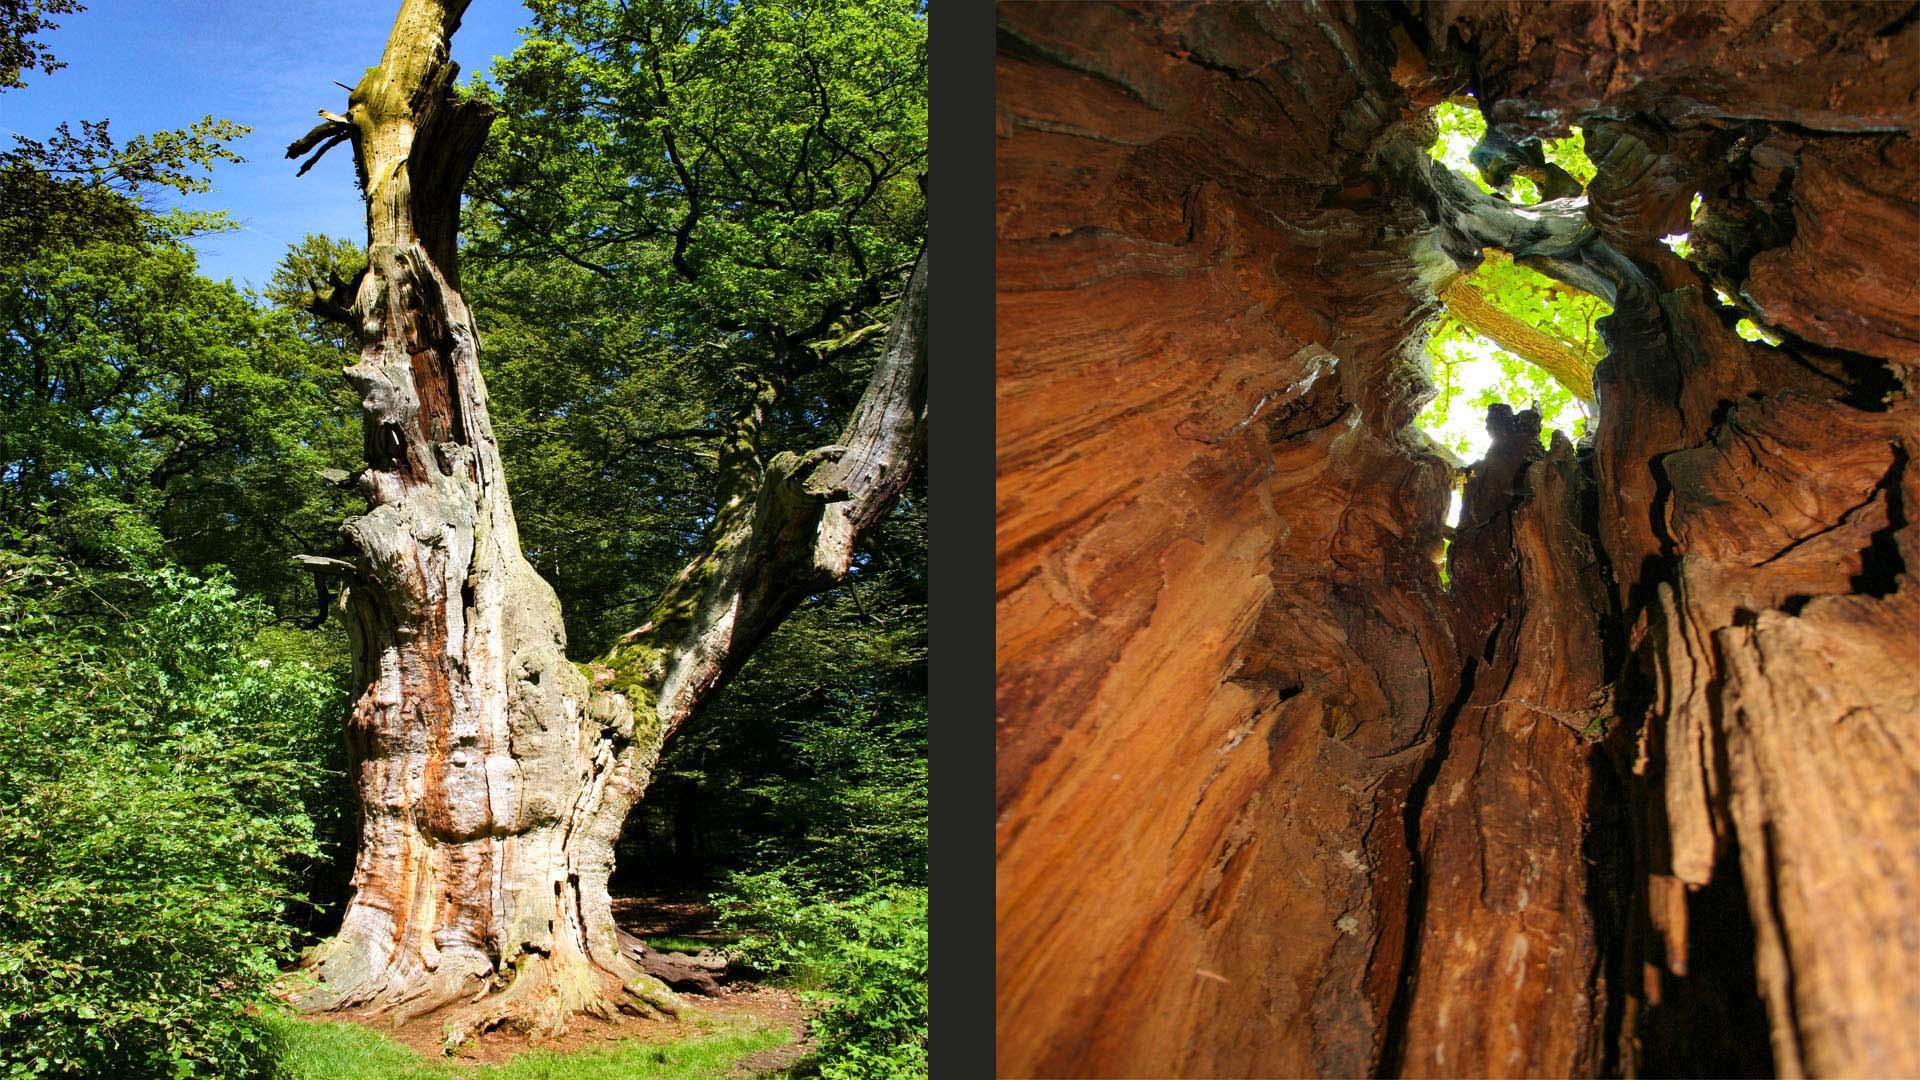 Urwaldpfad im Reinhardswald